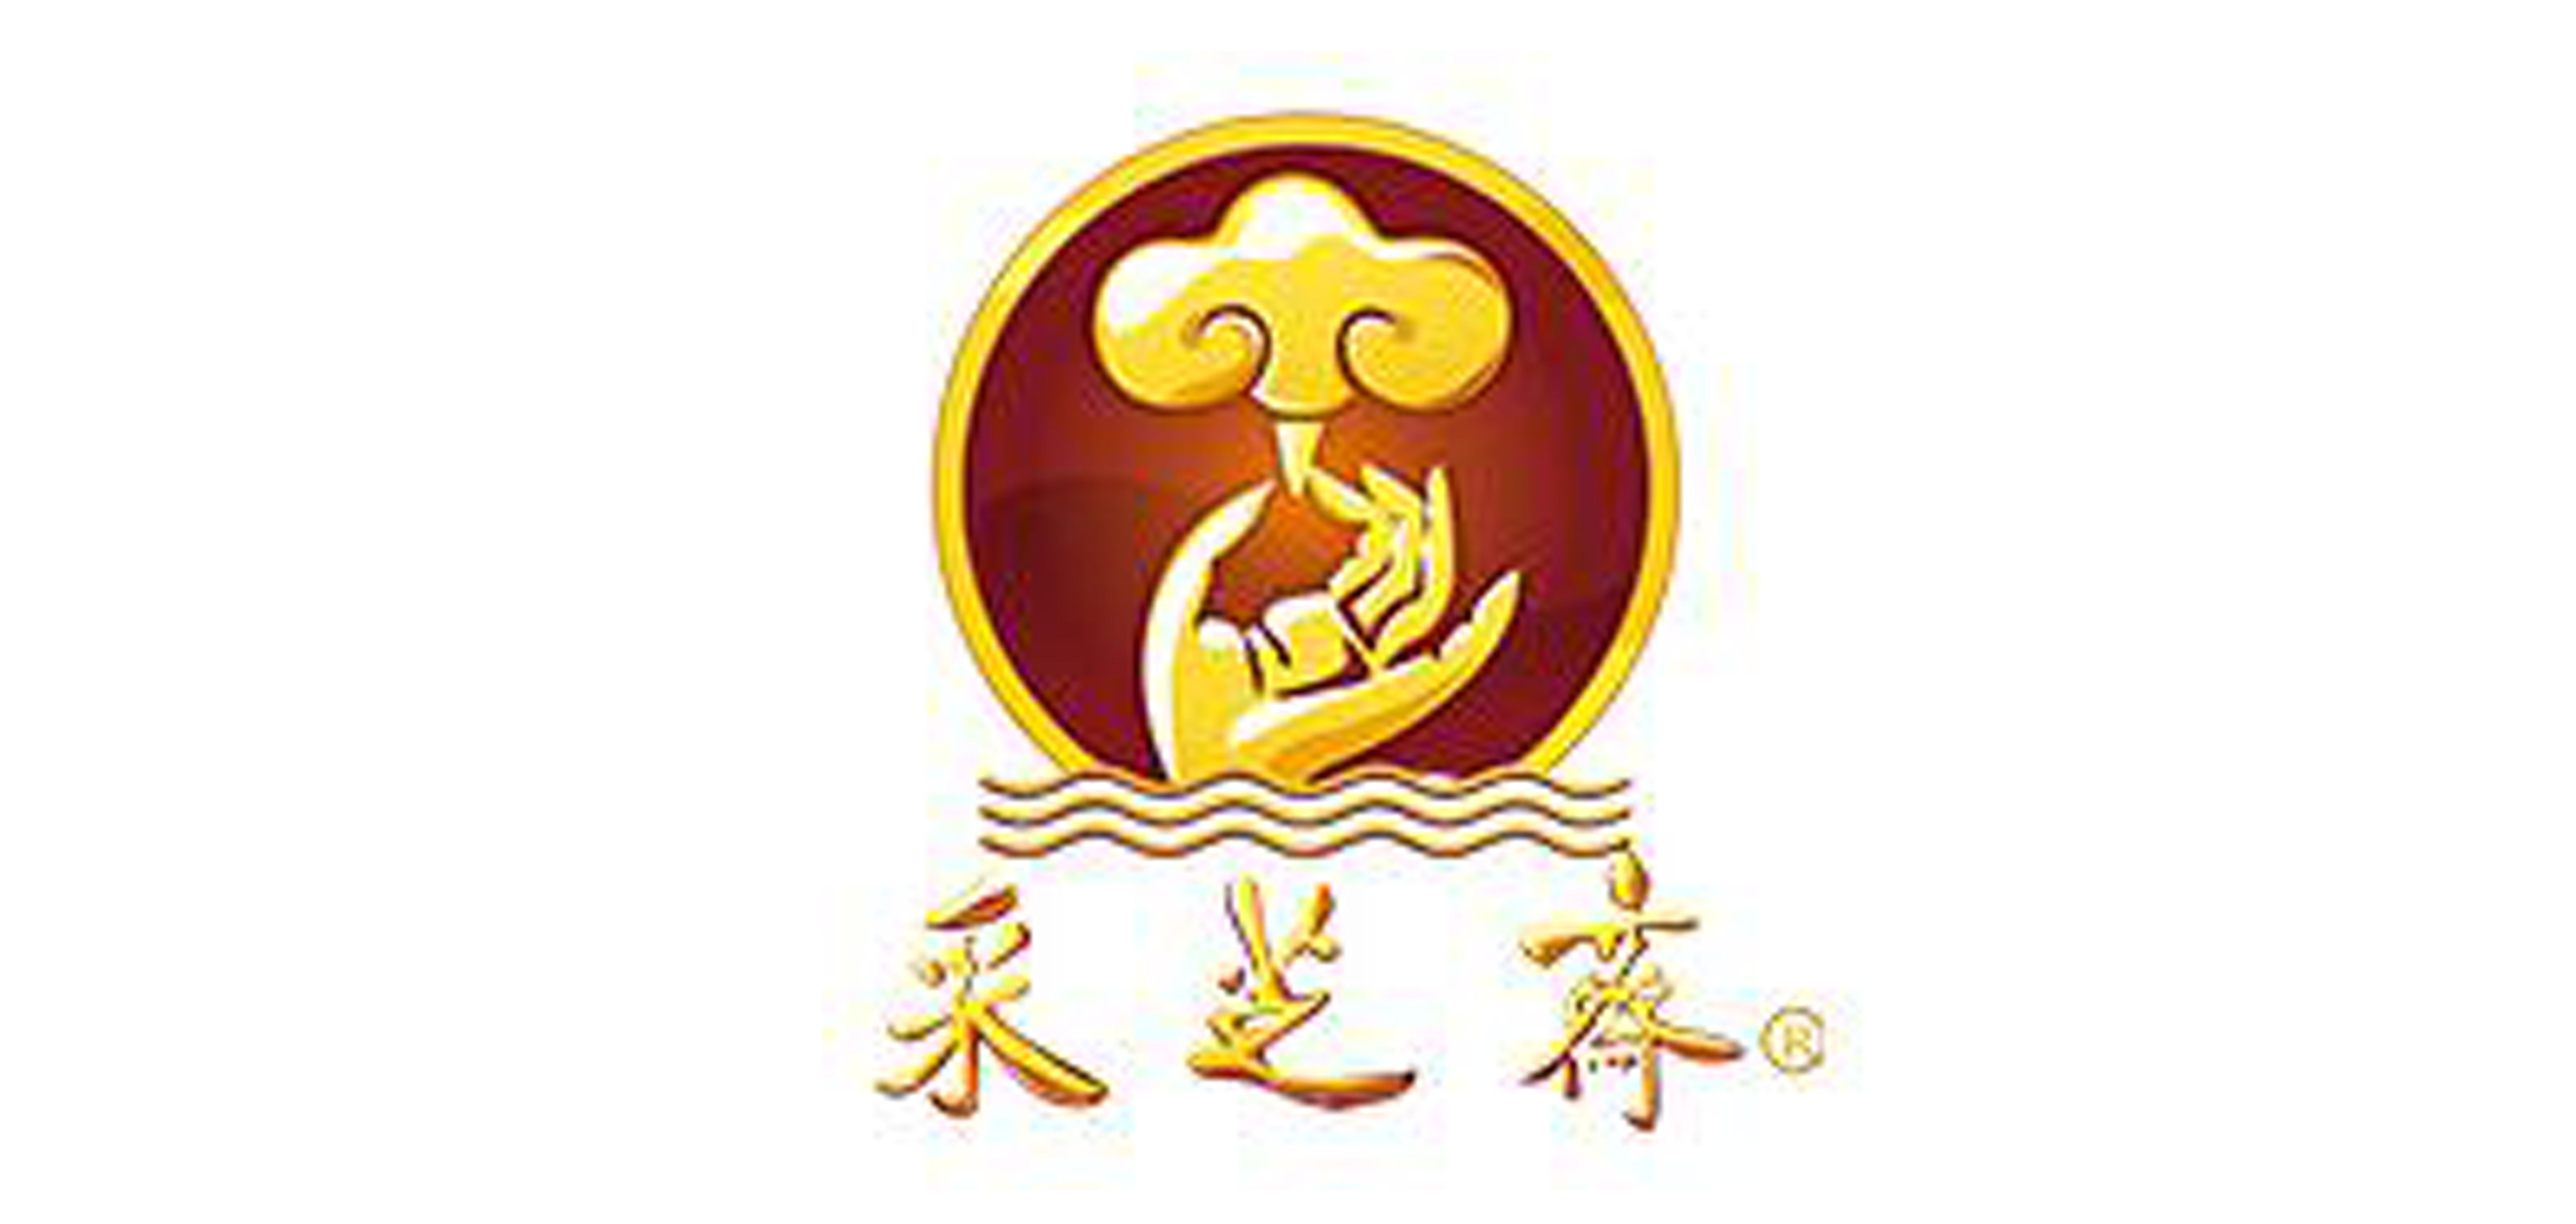 采芝斋五仁月饼